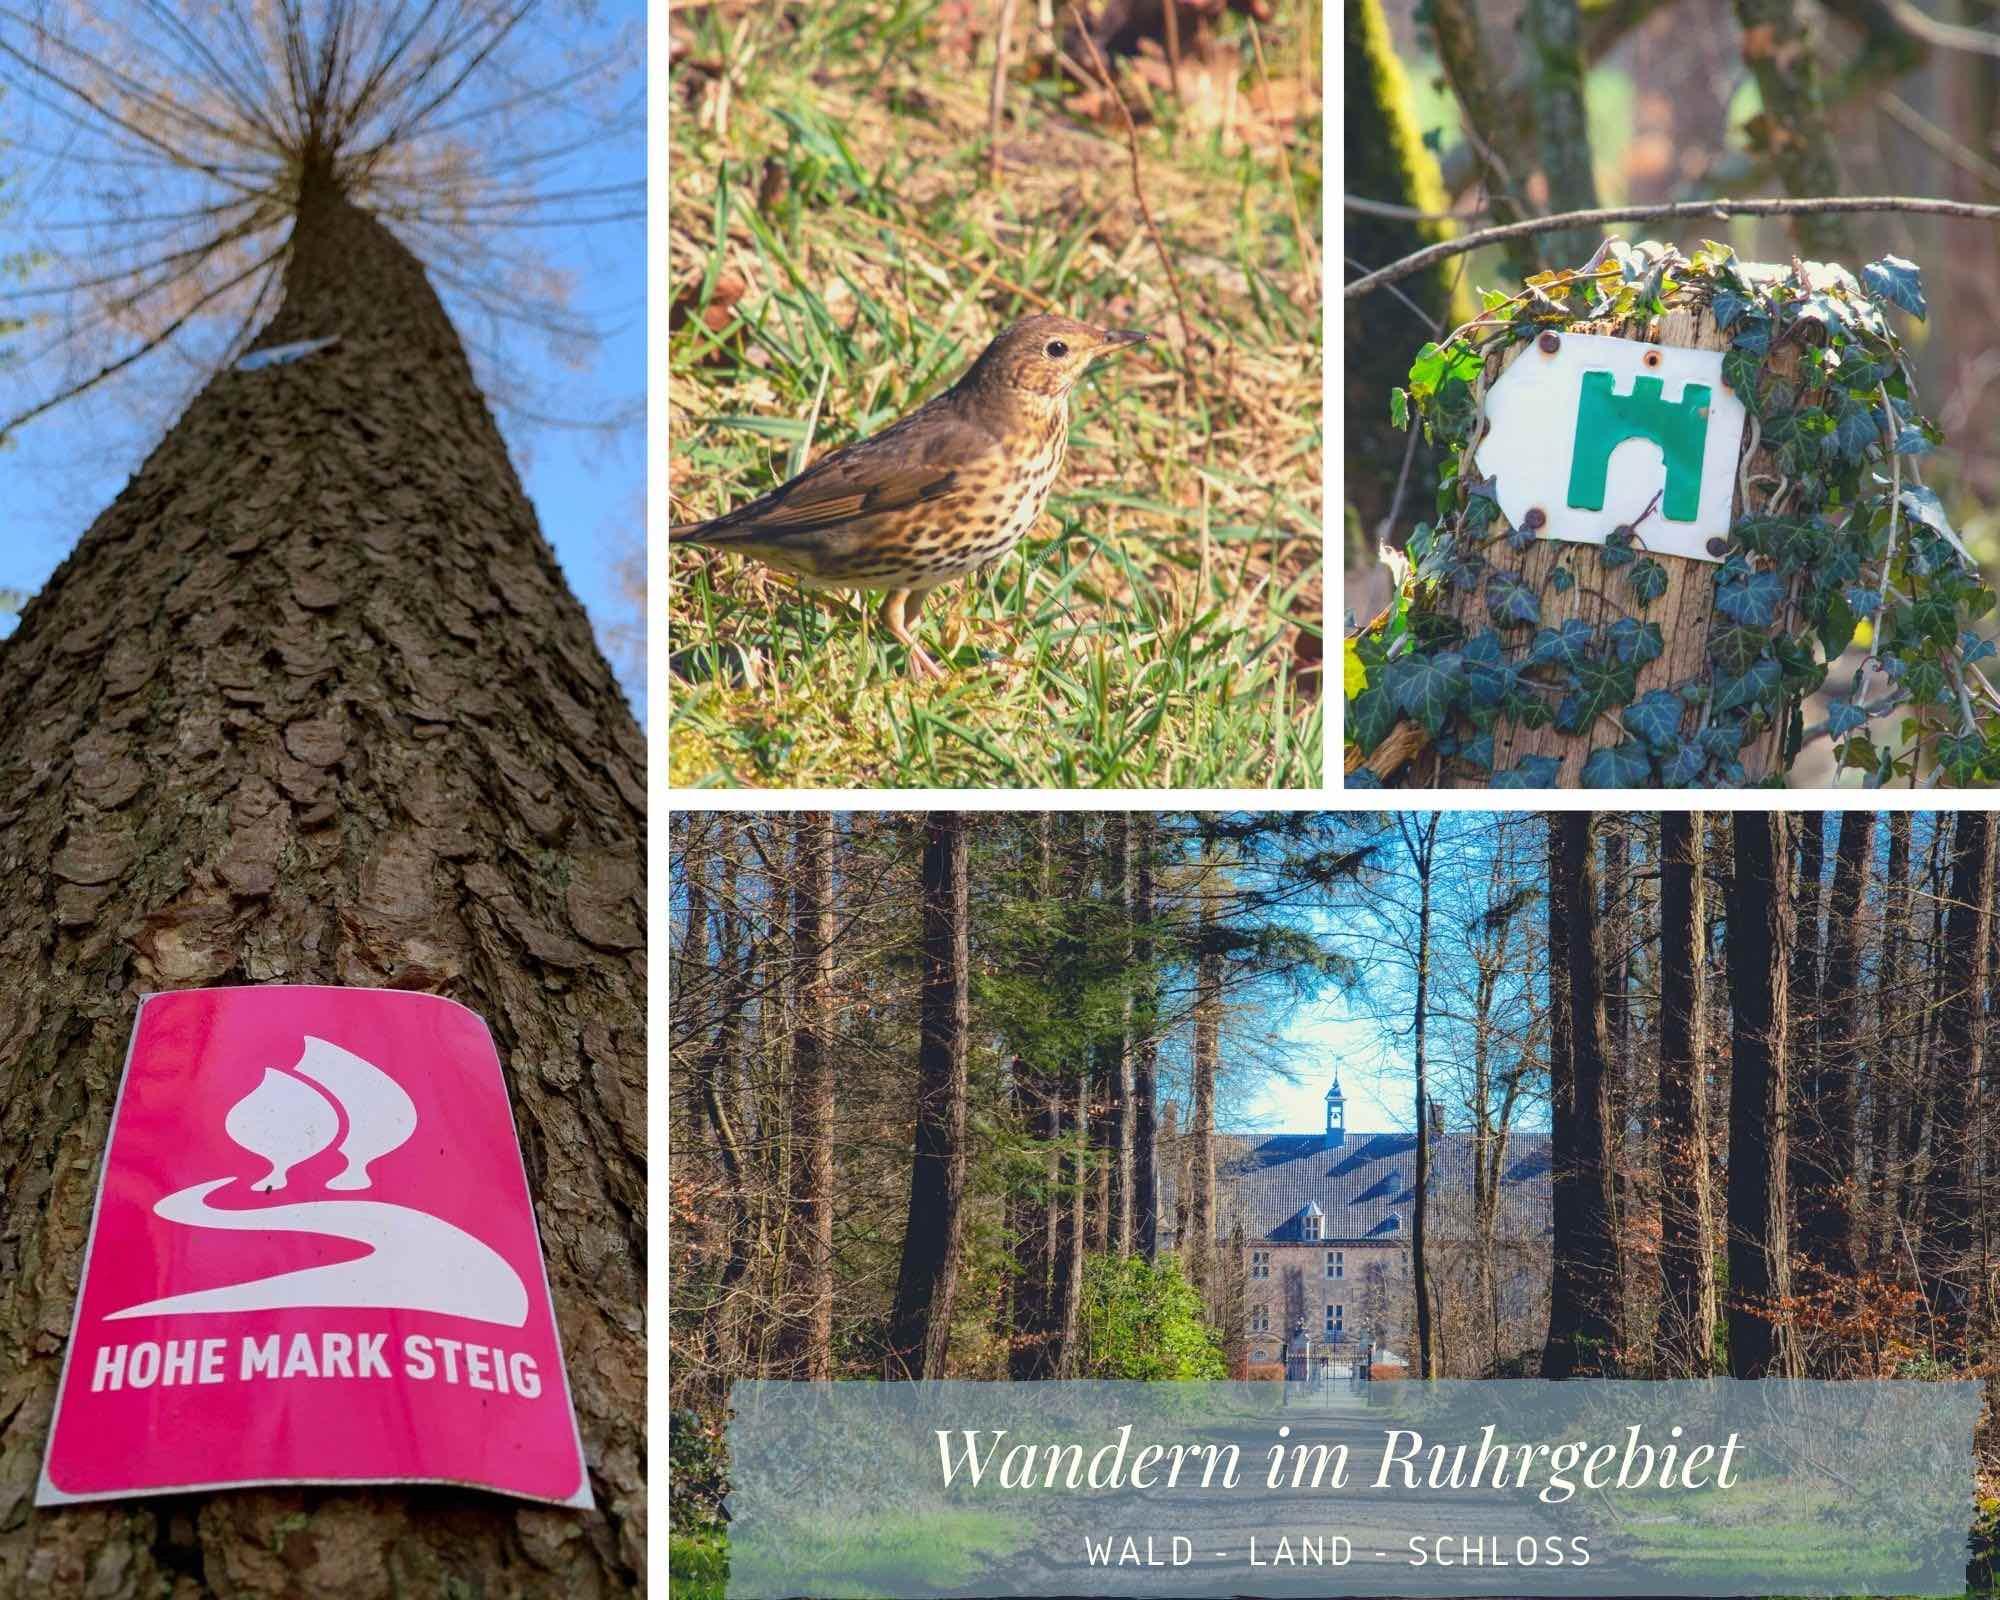 Wandern im Ruhrgebiet –  Unterwegs im Naturpark Hohe Mark mit Blick auf Schloss Lembeck